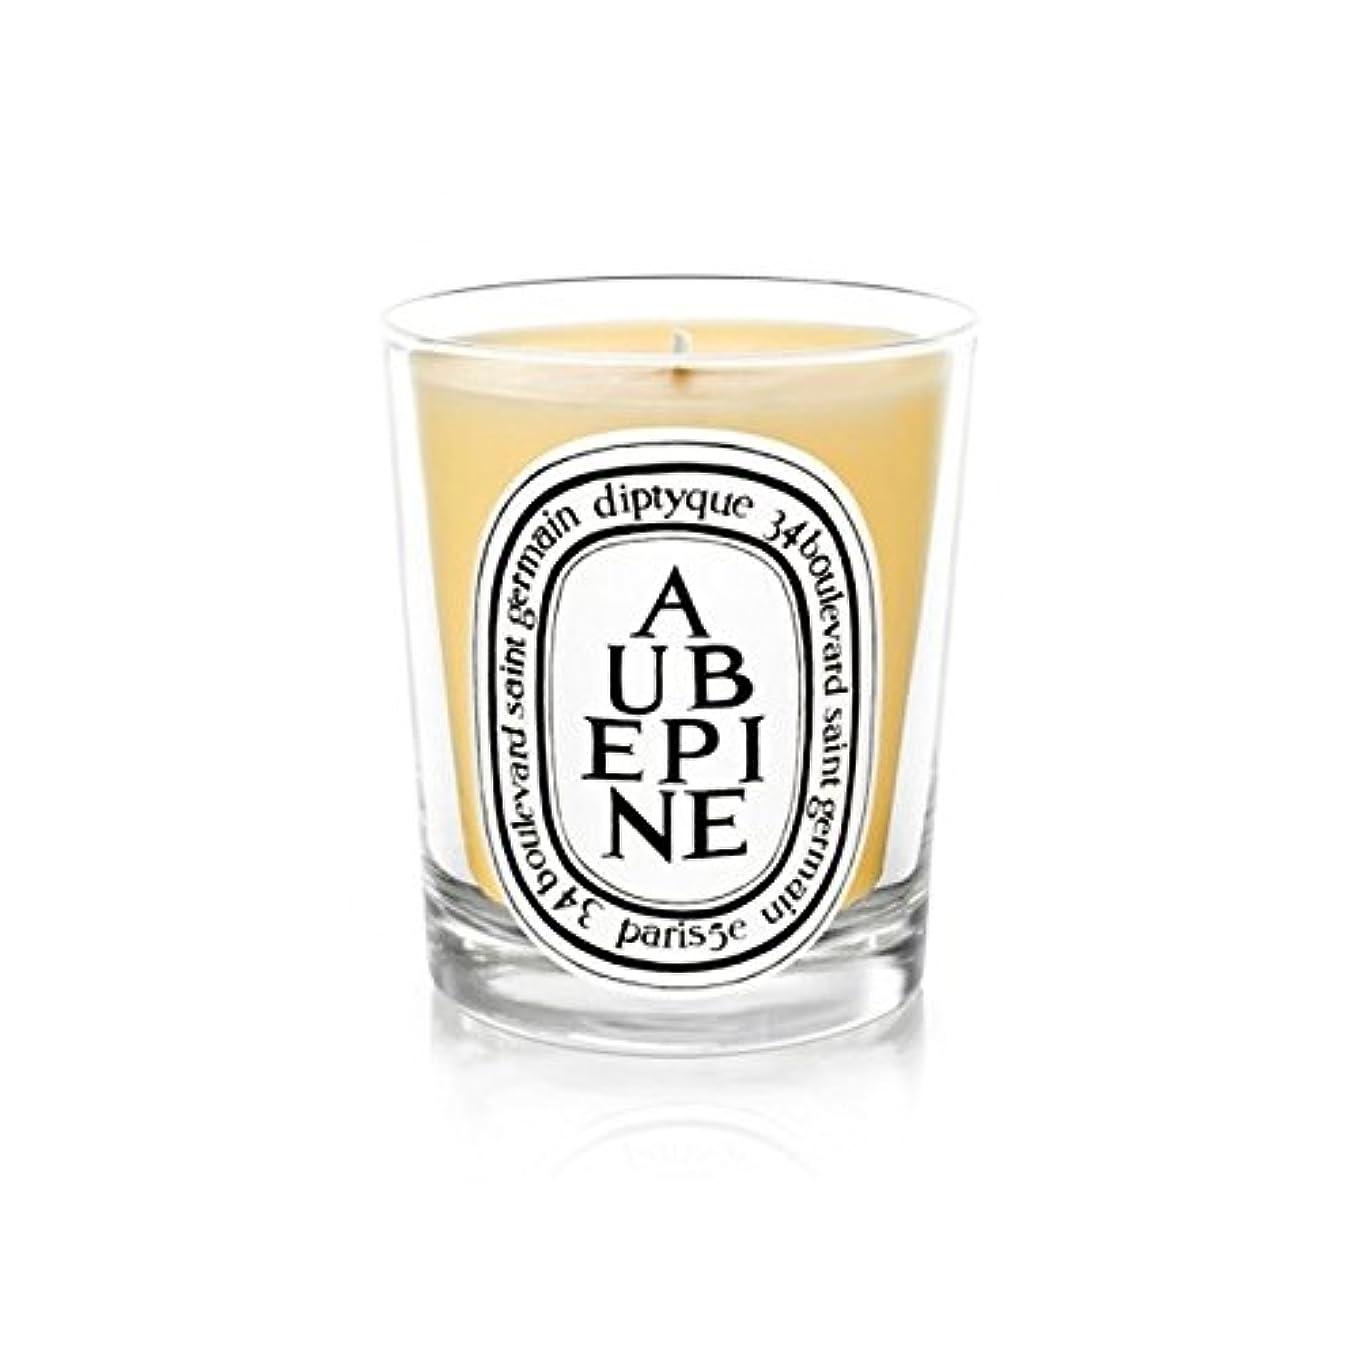 女優数学者誘導Diptyque Candle Aub?pine / Hawthorn 190g (Pack of 6) - DiptyqueキャンドルAub?pine/サンザシ190グラム (x6) [並行輸入品]